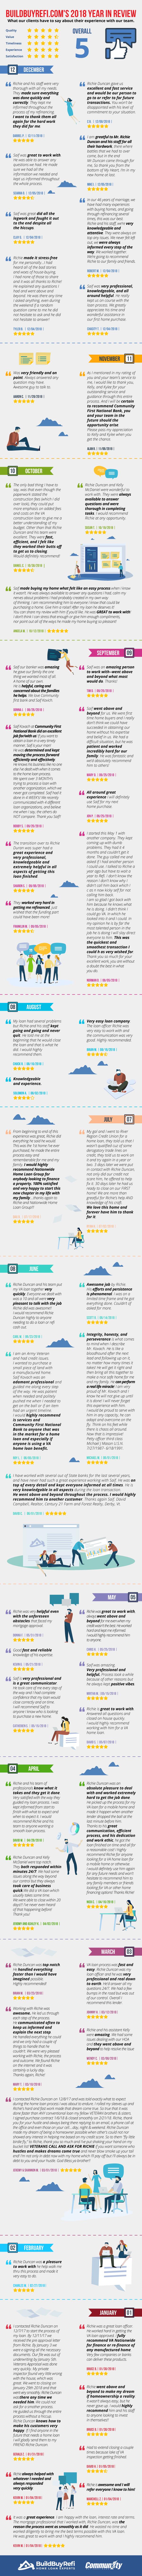 BuildBuyRefi reviews for 2018, find reviews for BuildBuyRefi.com and Community 1st National Bank reviews.